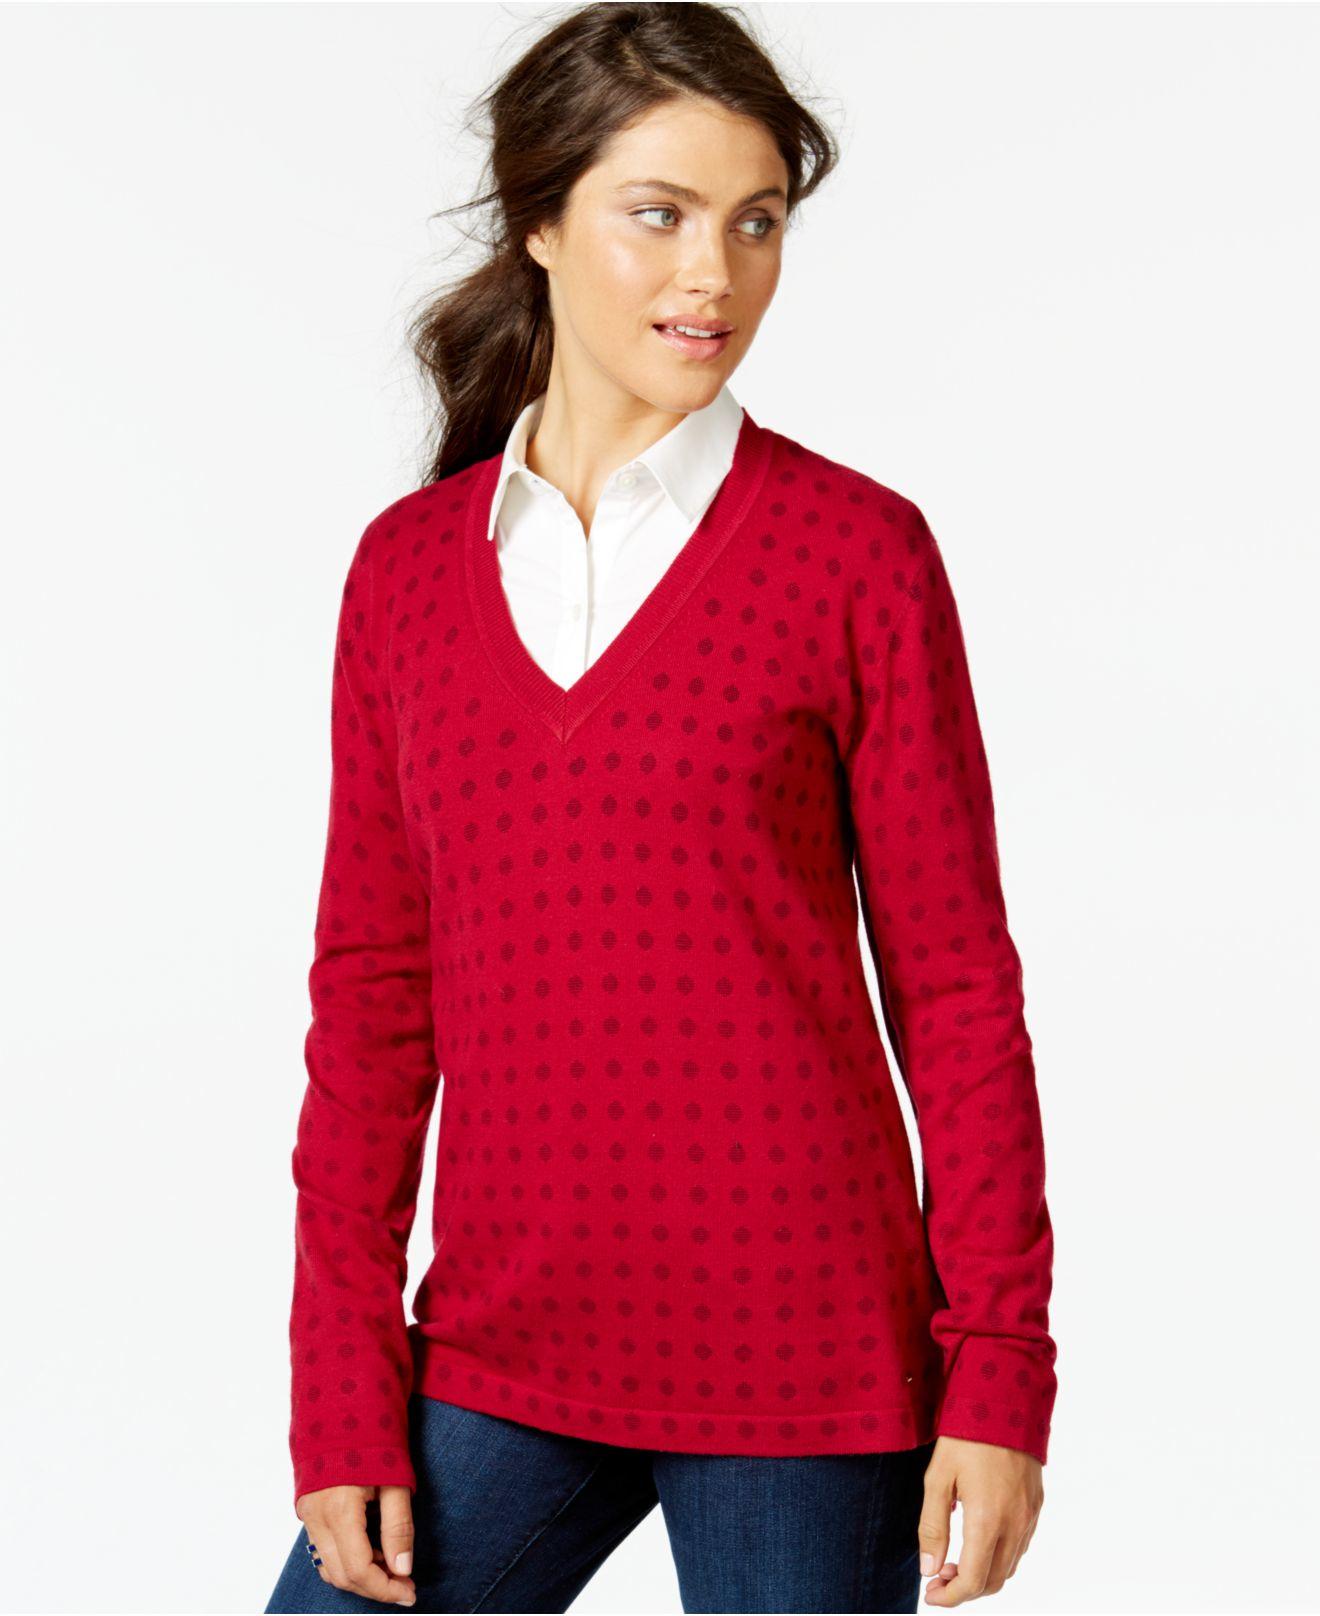 tommy hilfiger red printed v neck sweater lyst. Black Bedroom Furniture Sets. Home Design Ideas